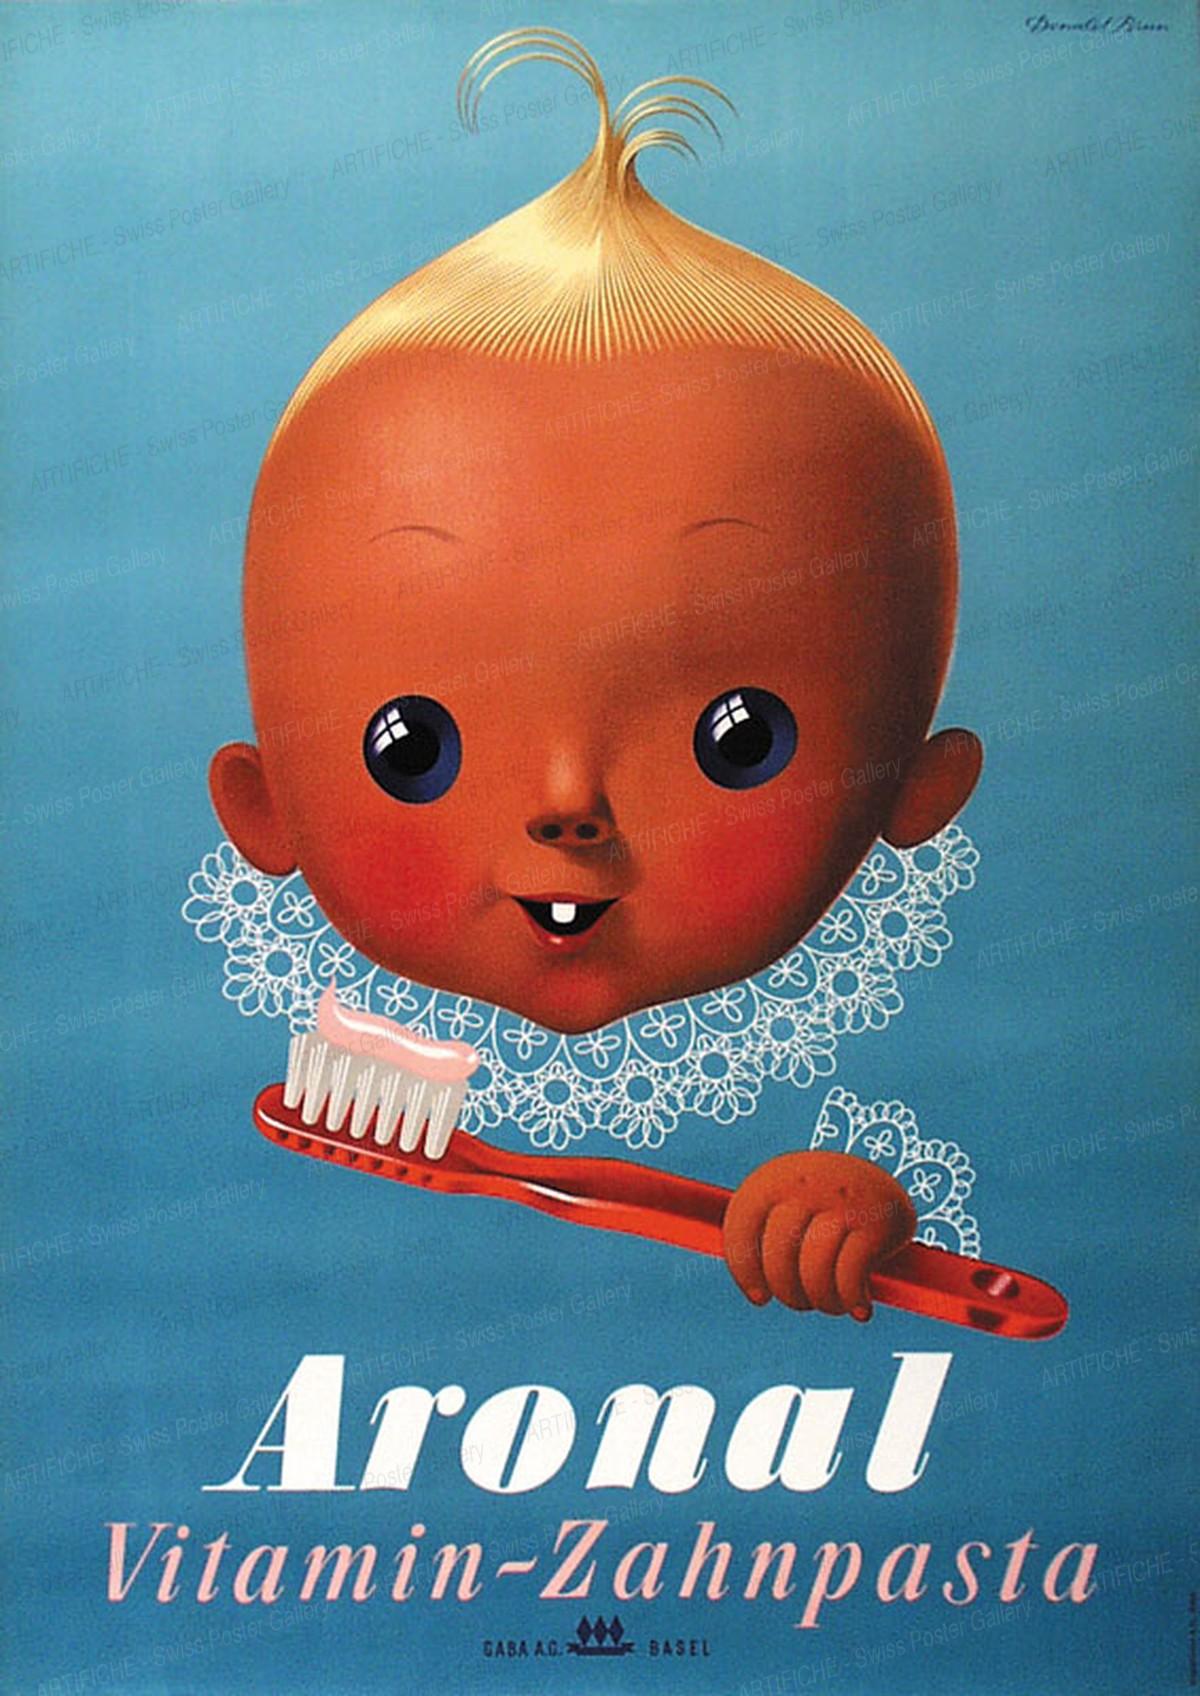 Aronal – Vitamin – Zahnpasta, Donald Brun